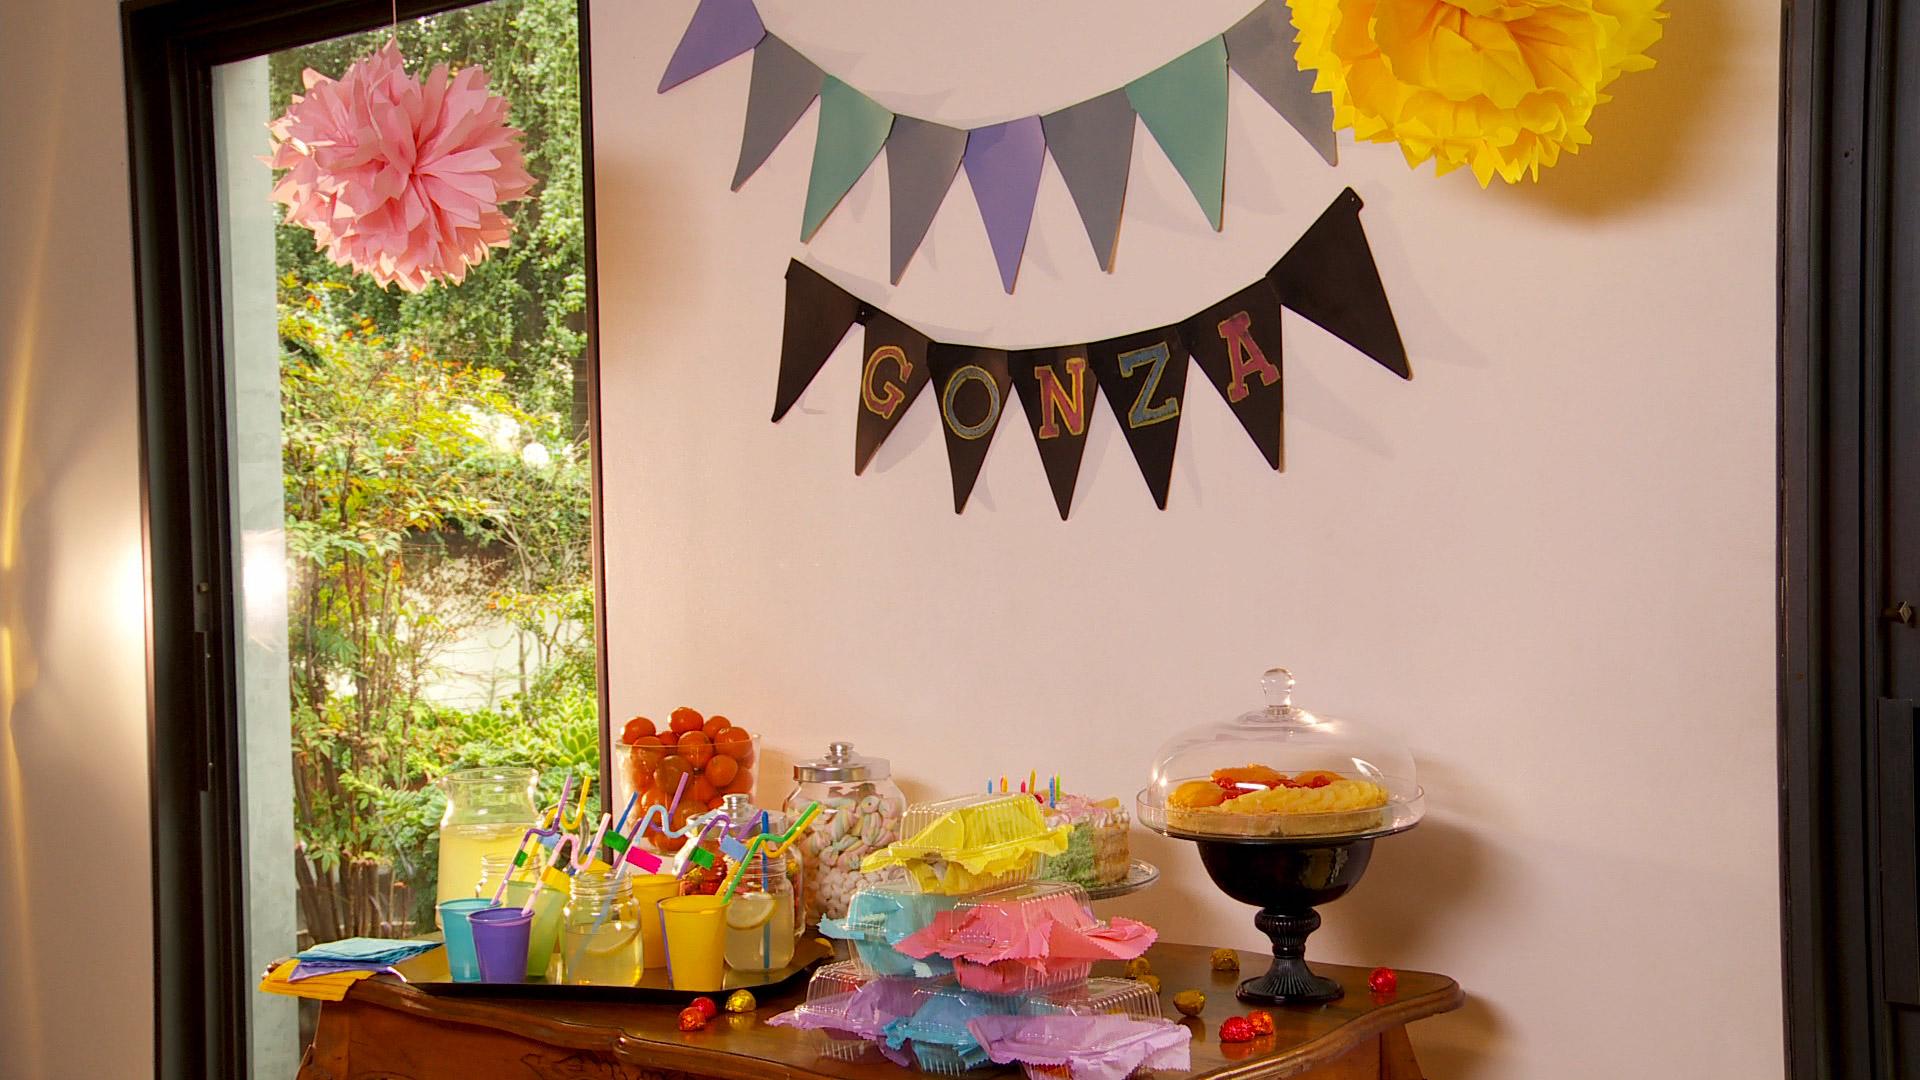 Cuando nos toca hacer la decoración para un cumpleaños, no es necesario complicarse ni buscar accesorios rebuscados, con simples elementos, que incluso pueden ser reciclados se puede armar un buen cumpleaños.